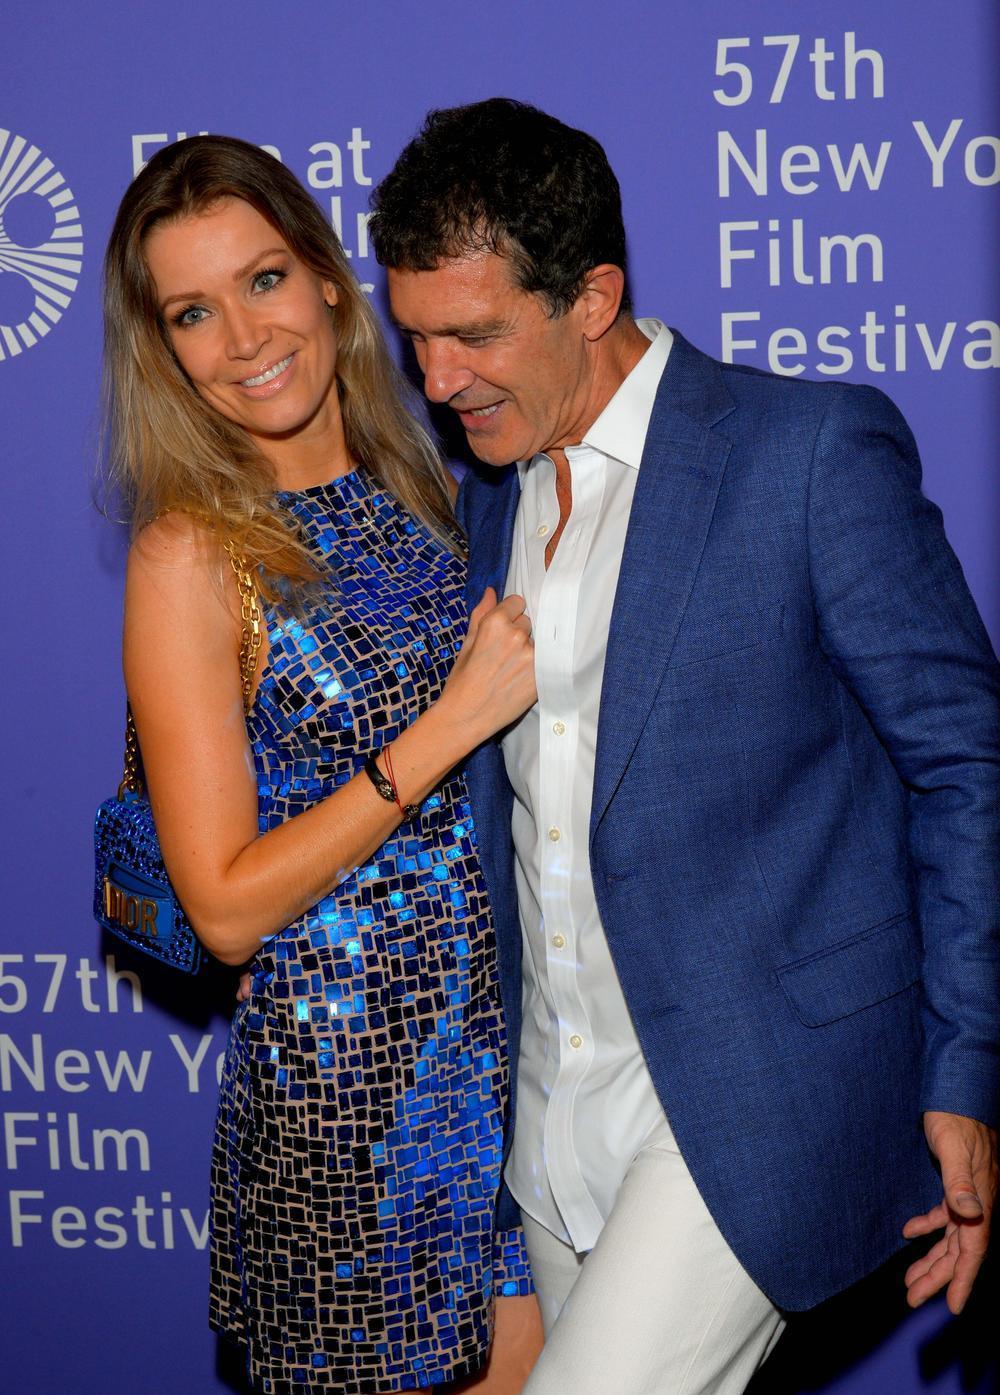 """<p><br /> Glumac Antonio Banderas (59) bio je sinoć na premijeri filma """"Pain and glory"""" na Njujorškom filmskom festivalu sa svojom 20 godina mlađom partnerkom Nikol Kimpel.</p>"""